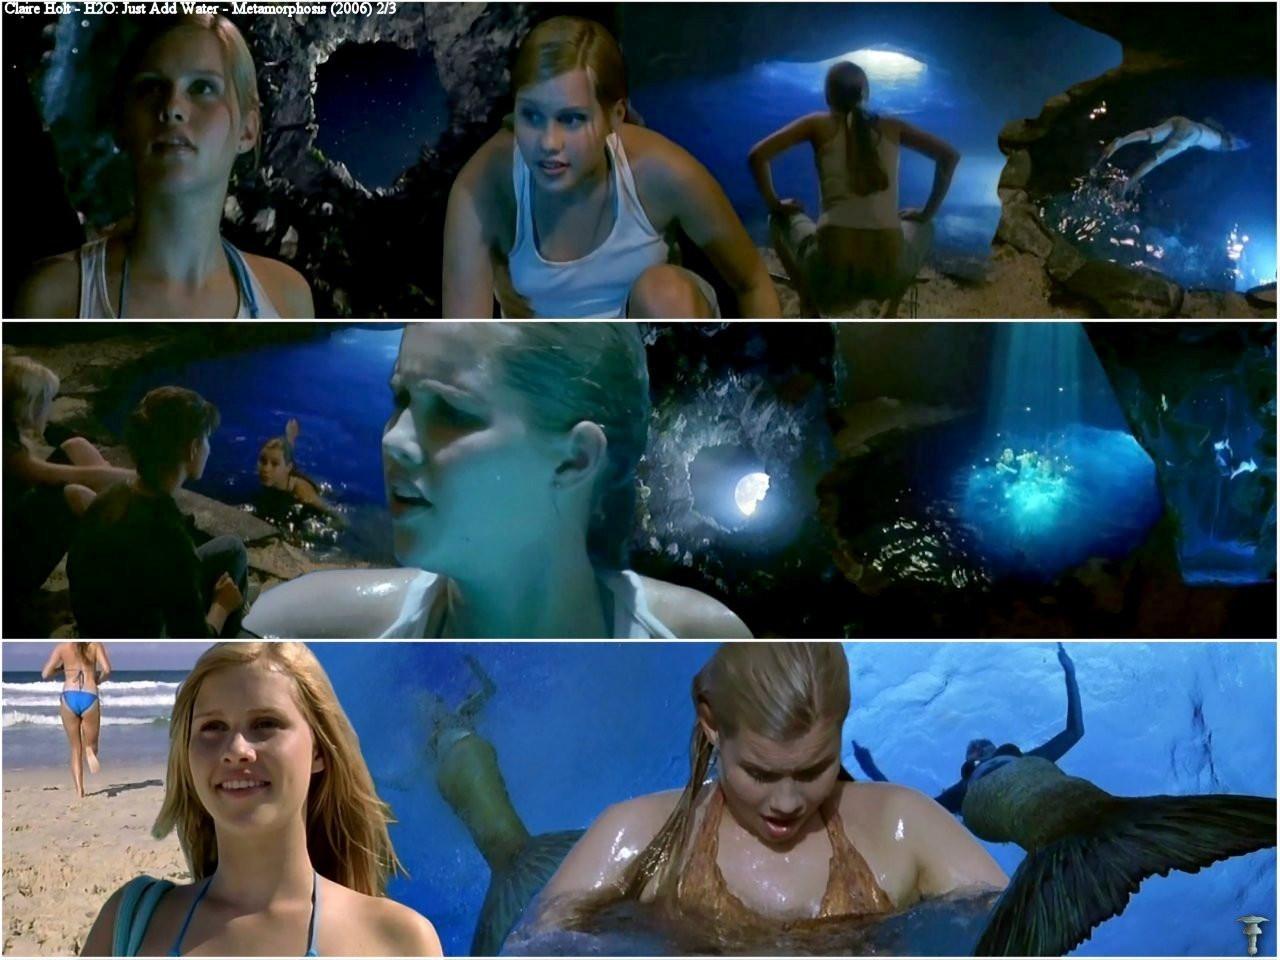 H2o Plötzlich Meerjungfrau Ausmalbilder Einzigartig H2o Just Add Water Images Collagen Of H2o Just Add Water Hd Galerie